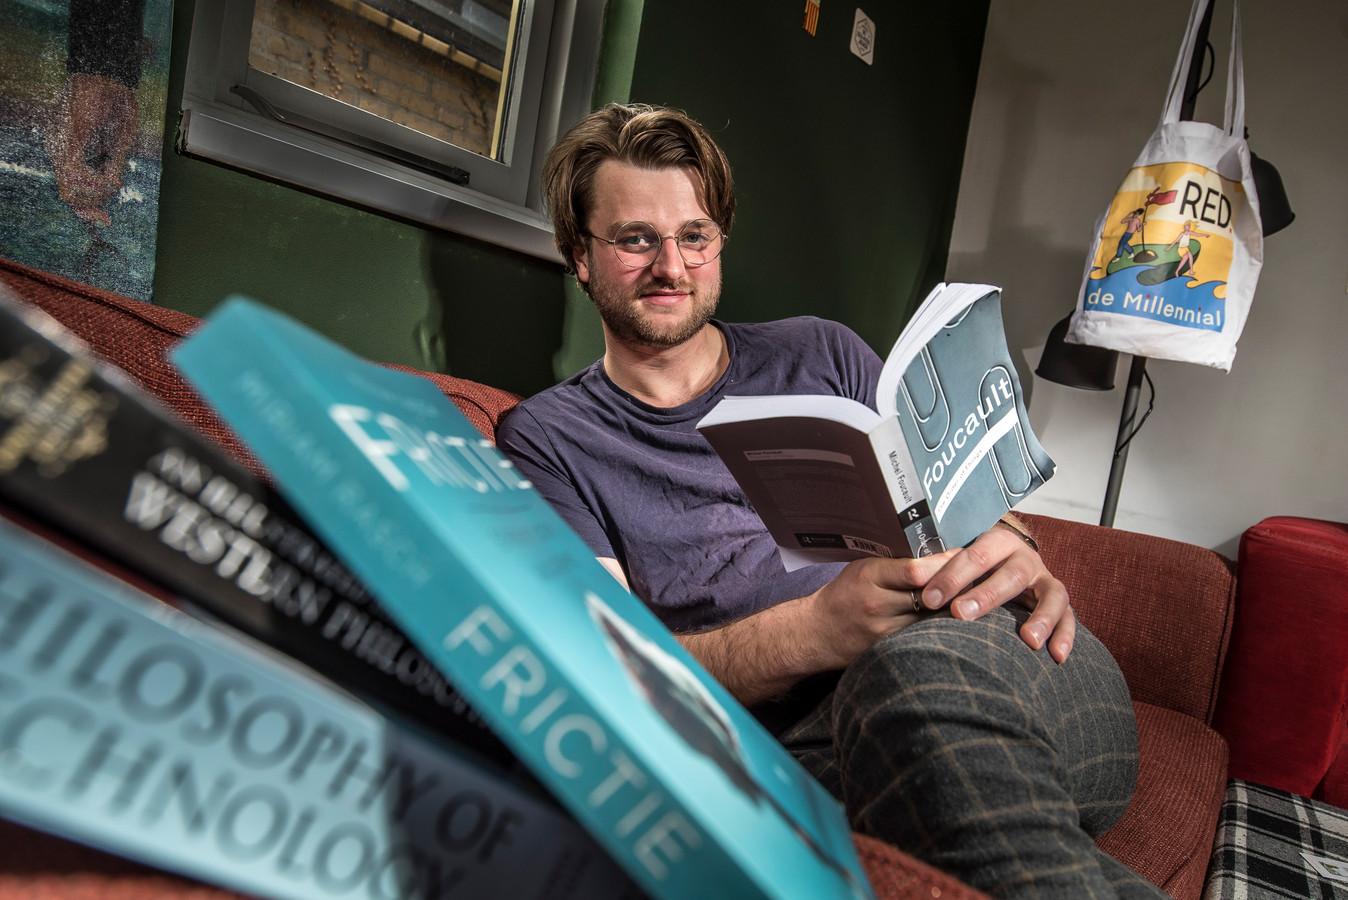 """Bouke van Dalen, filosofiestudent, thuis op de bank. """"Als je het digitaal volgt, blijft het oppervlakkig. Met een studie als filosofie is dat funest. Je moet in die ruimte zijn om juist die kleine menselijke interacties aan te voelen en aan te gaan."""""""